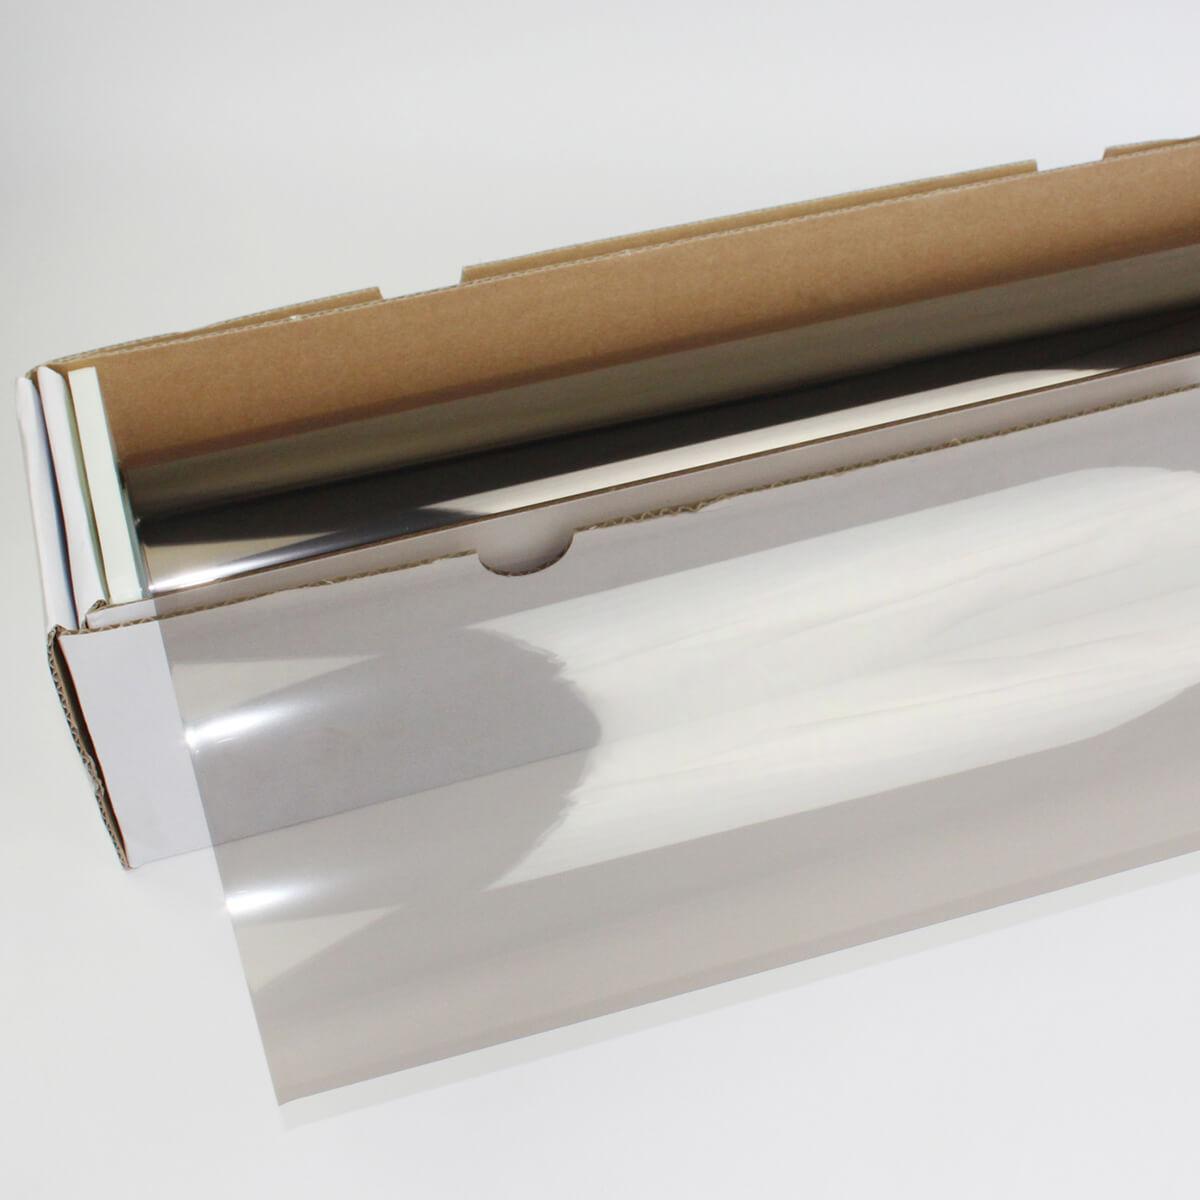 ウィンドウフィルム 窓ガラスフィルム SPブロンズメタル50(55%) 50cm幅×30mロール箱売 遮熱フィルム 断熱フィルム UVカットフィルム ブレインテック Braintec